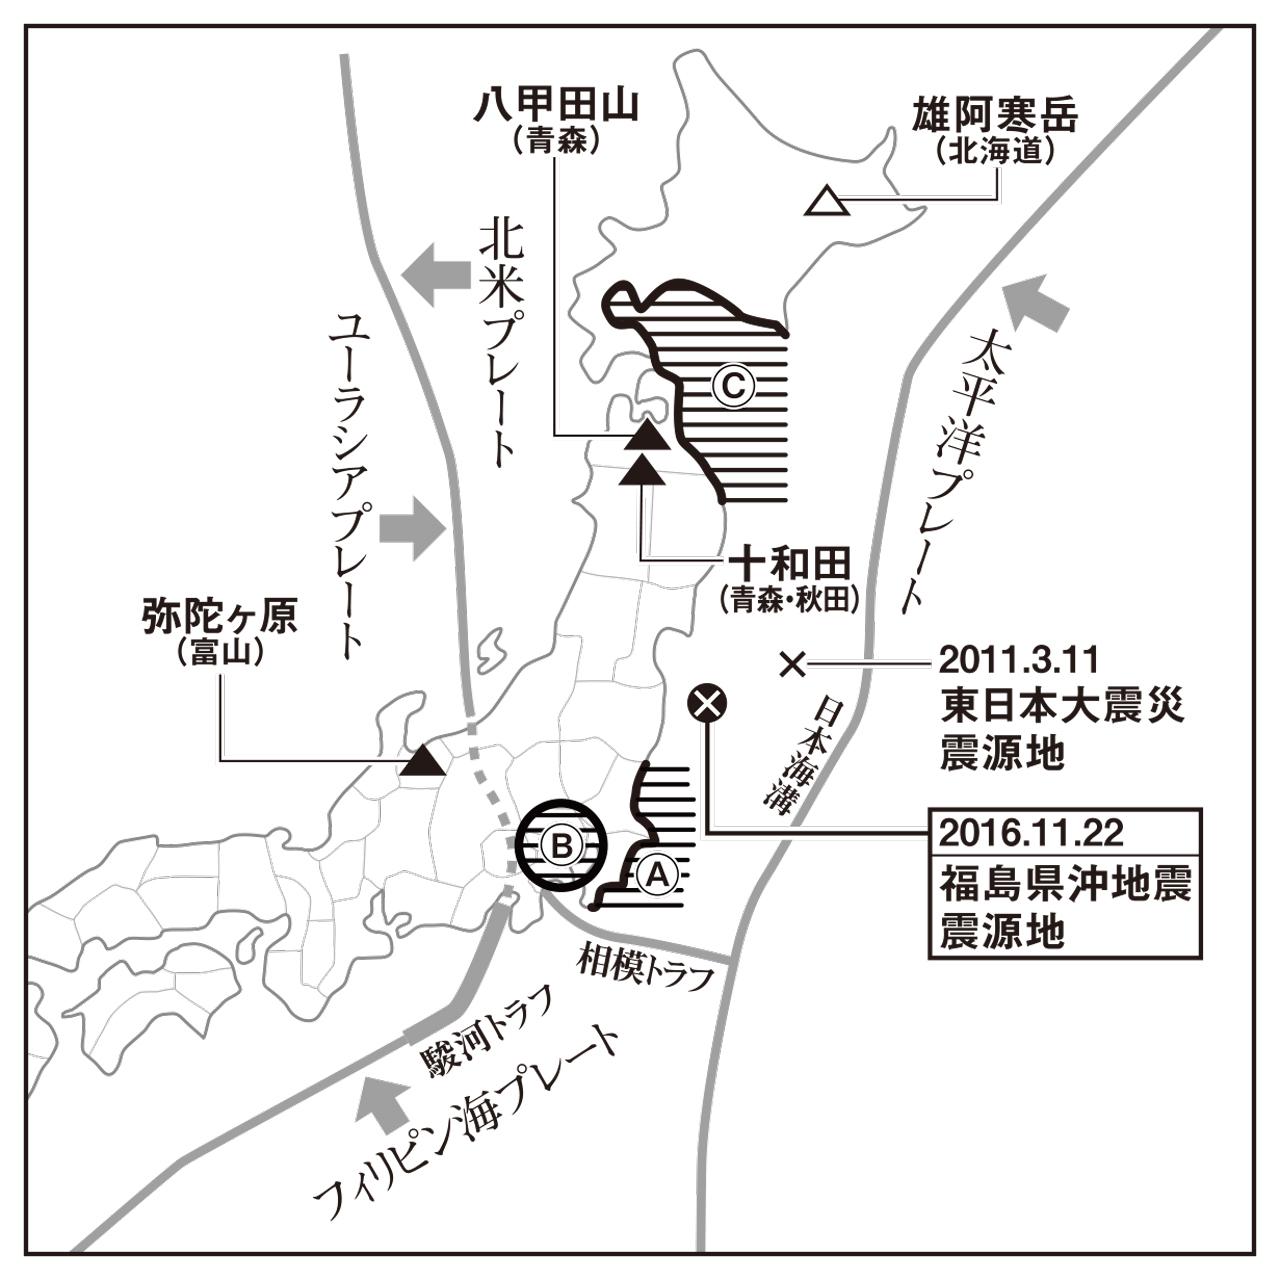 茨城、千葉両県の沖合 数カ月以内に大地震発生の可能性も